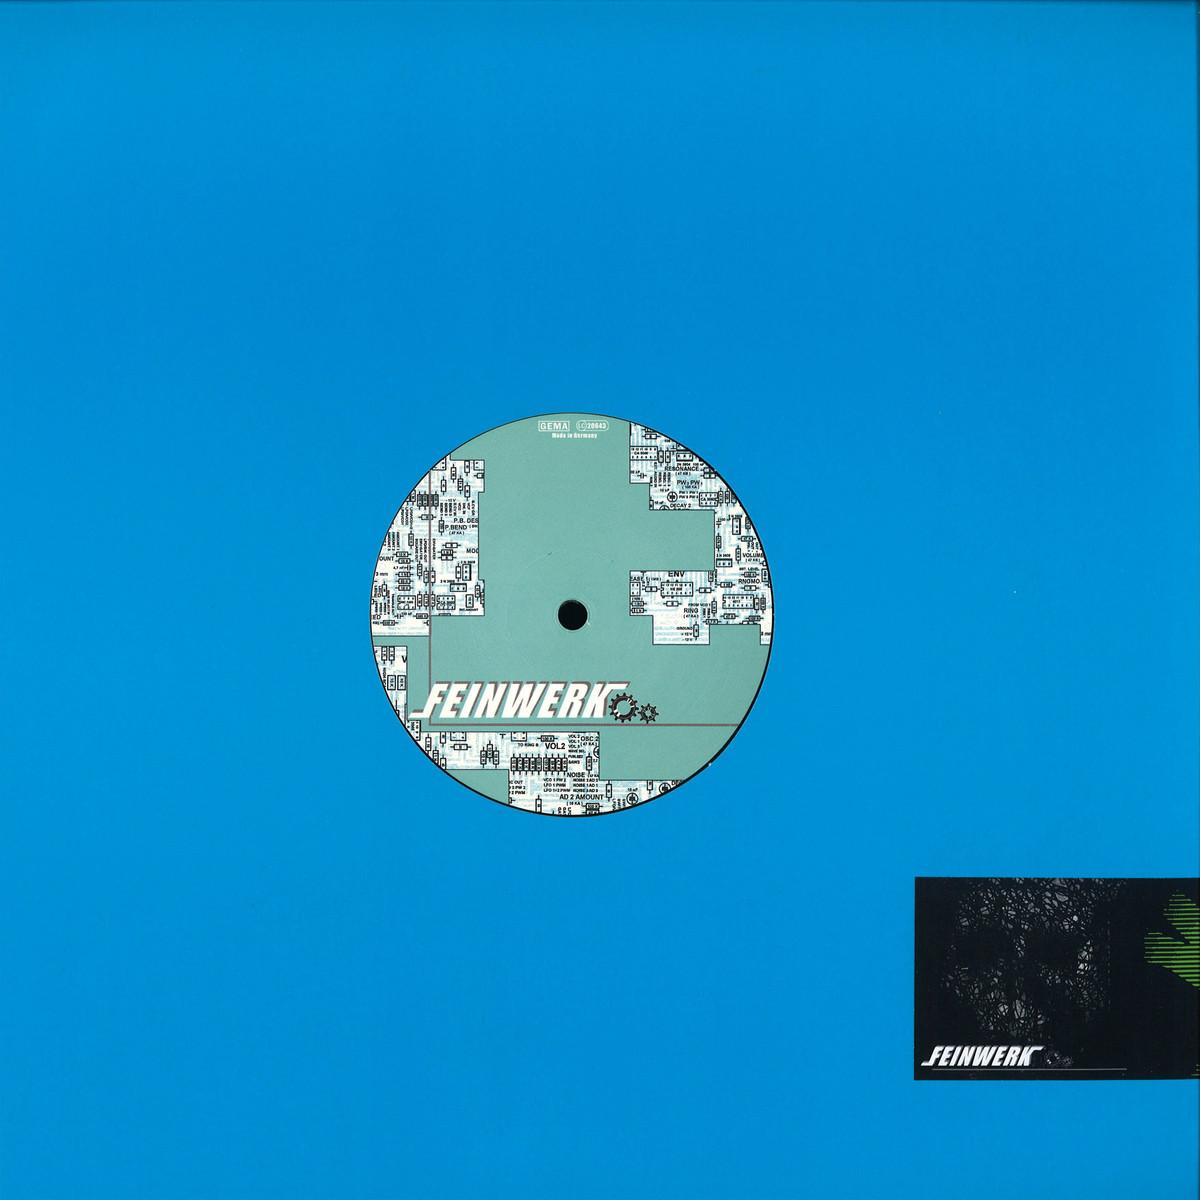 Tobias Schmidt Dave Tarrida Endless Meaninglessness Feinwerk Voucher Whatsapp Blast Records Feinwerkltd02 Vinyl